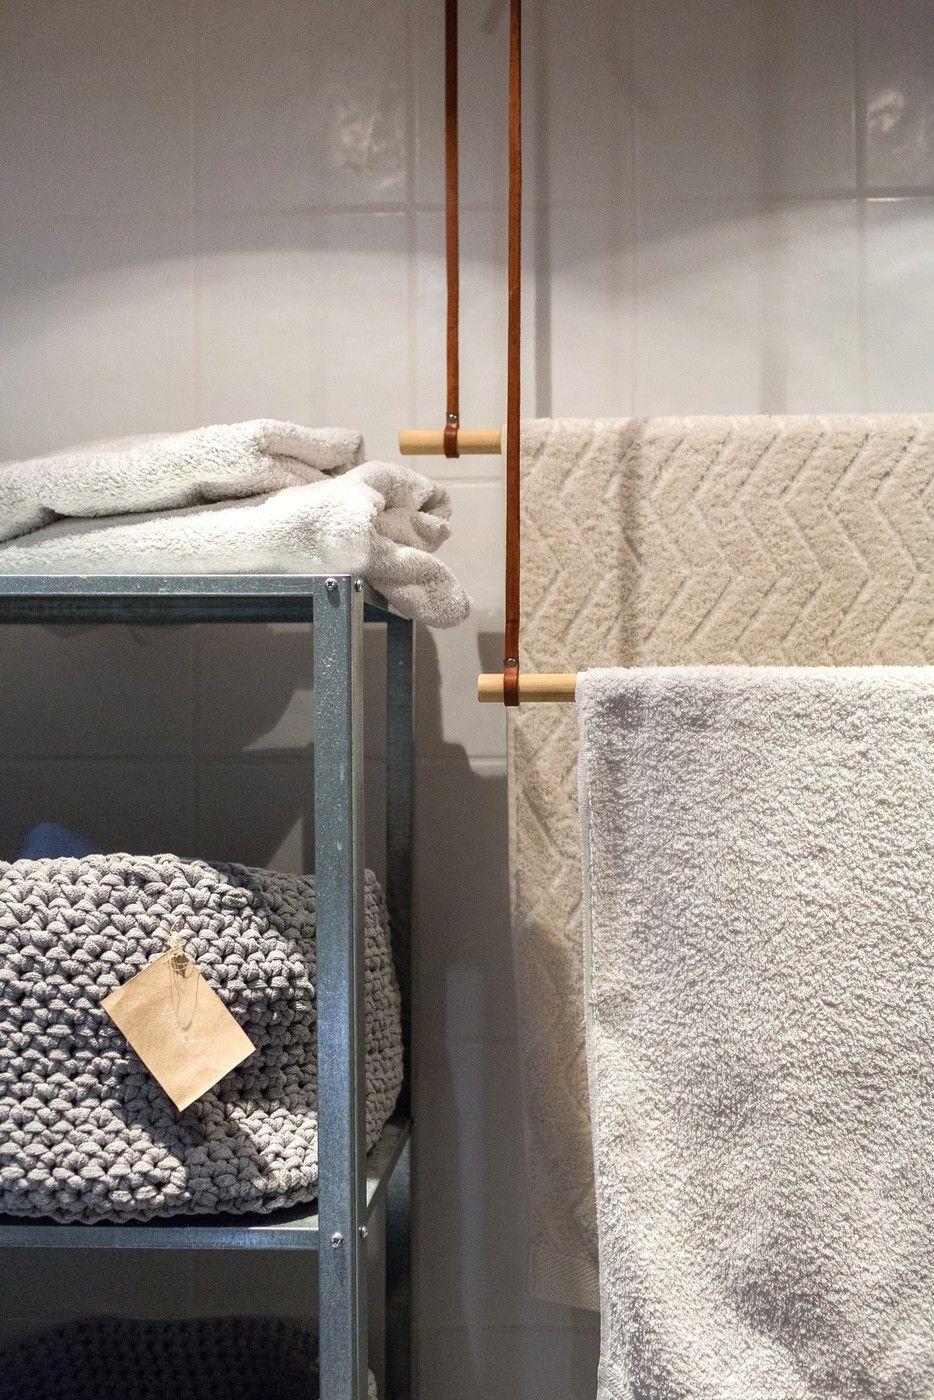 diy-vinkki pyyhetanko kestävä ekologinen sisustus koti - modernekohome   Lily.fi